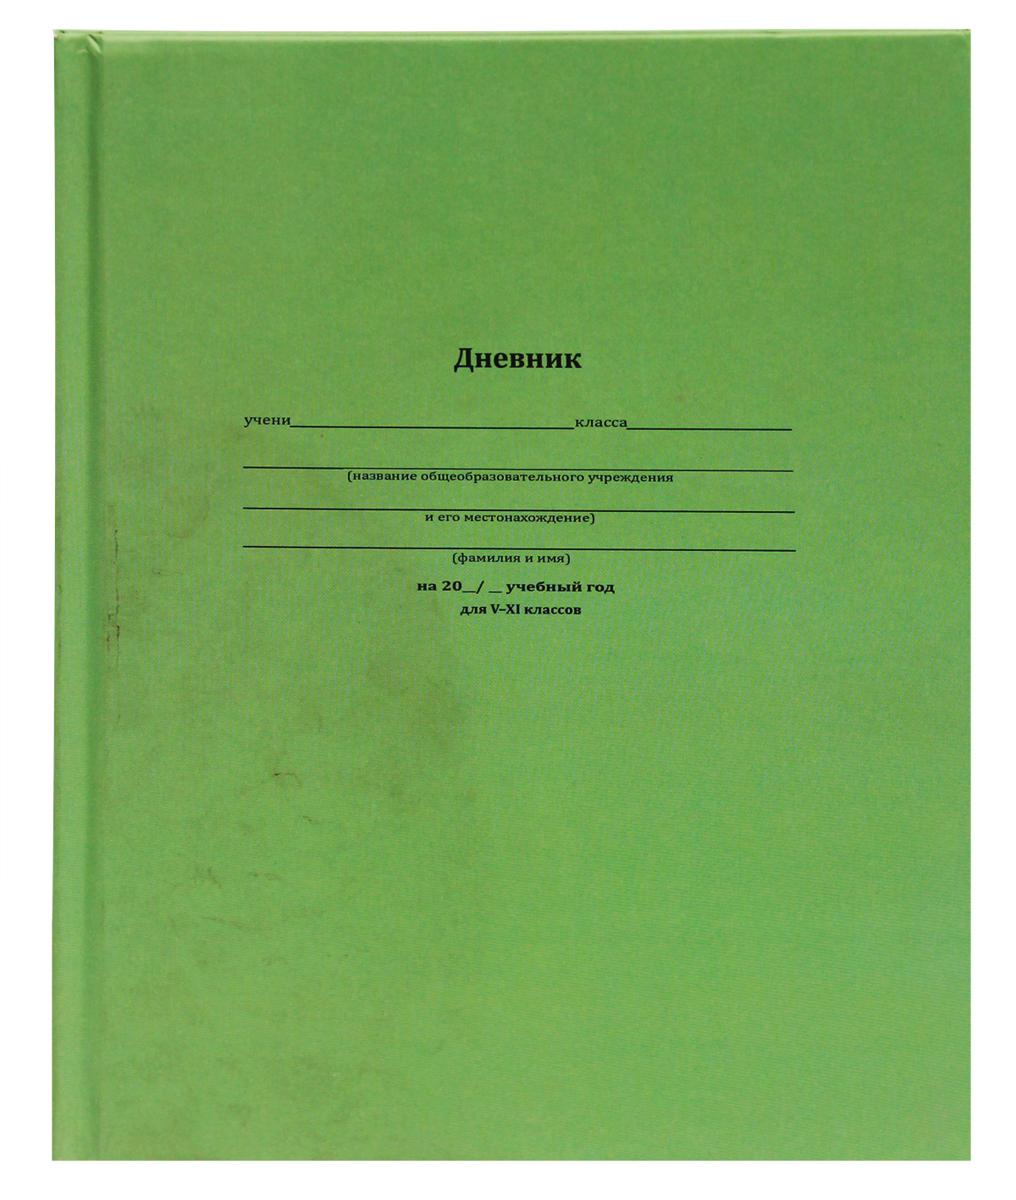 Prof Press Дневник школьный Классический цвет зеленый automatic dumpling gyoza press maker 7 6cm diameter sized